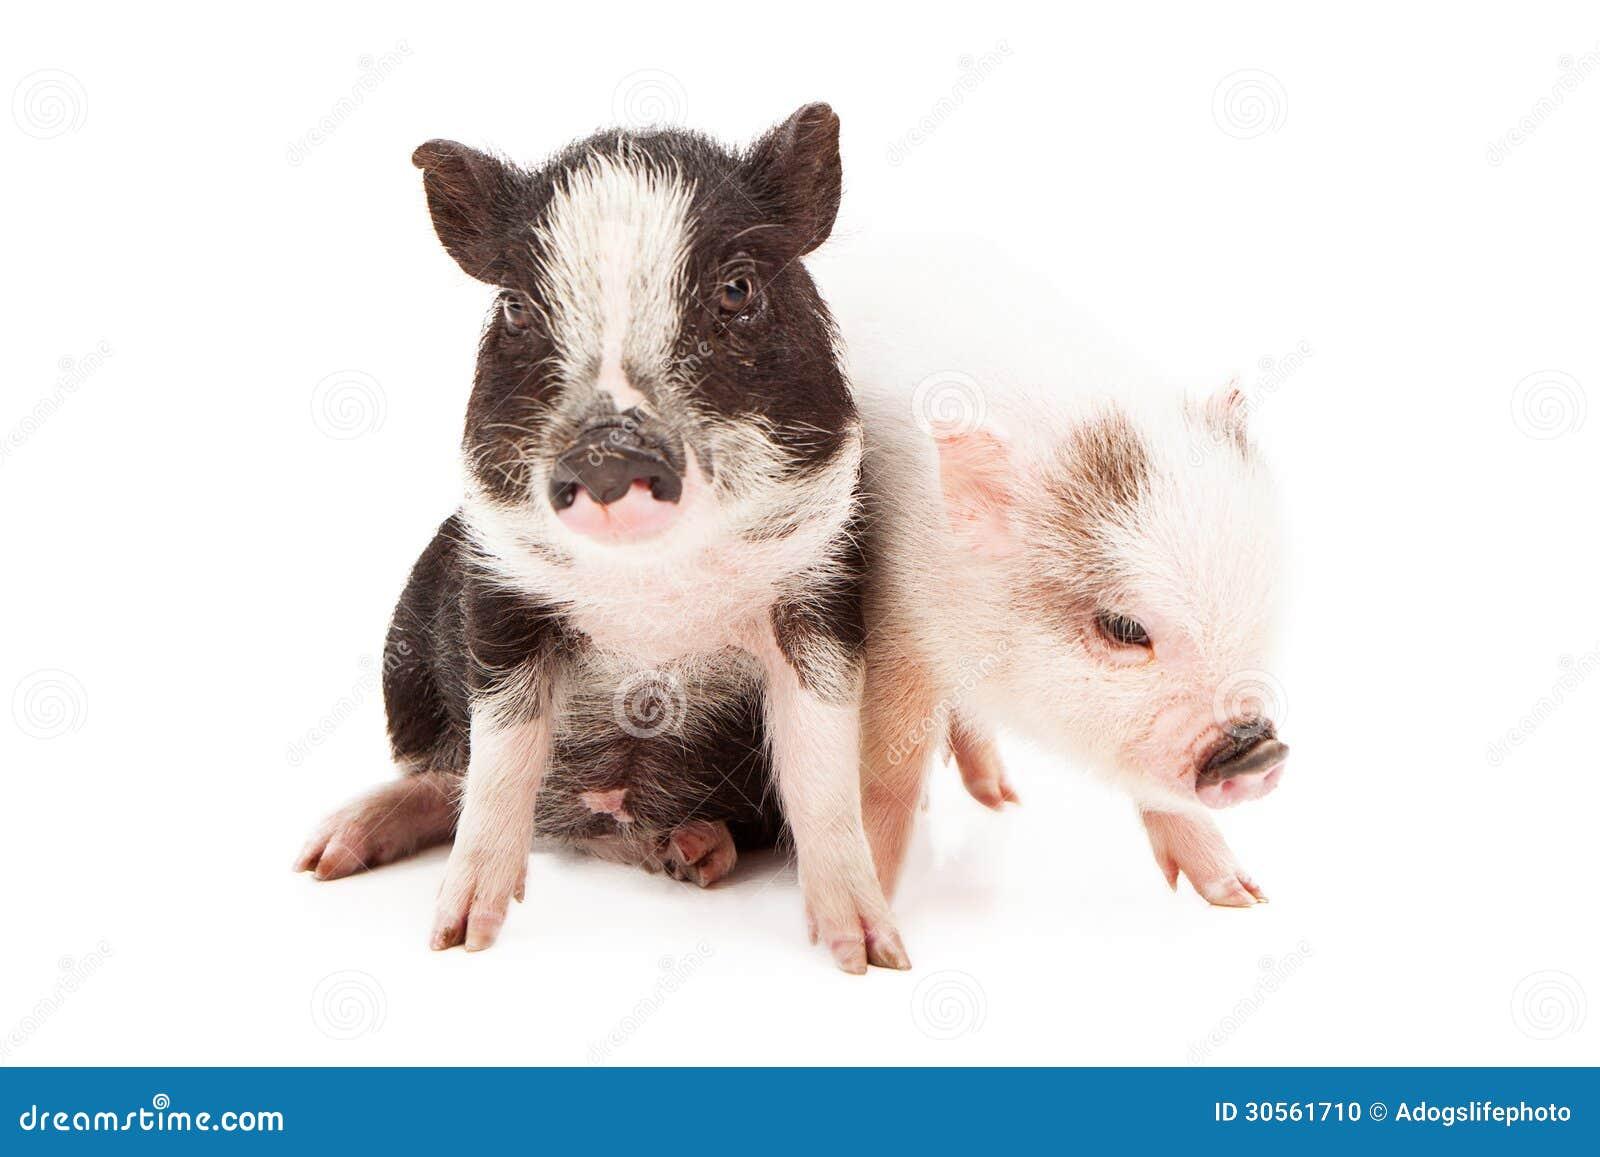 Piglets Sitting Together